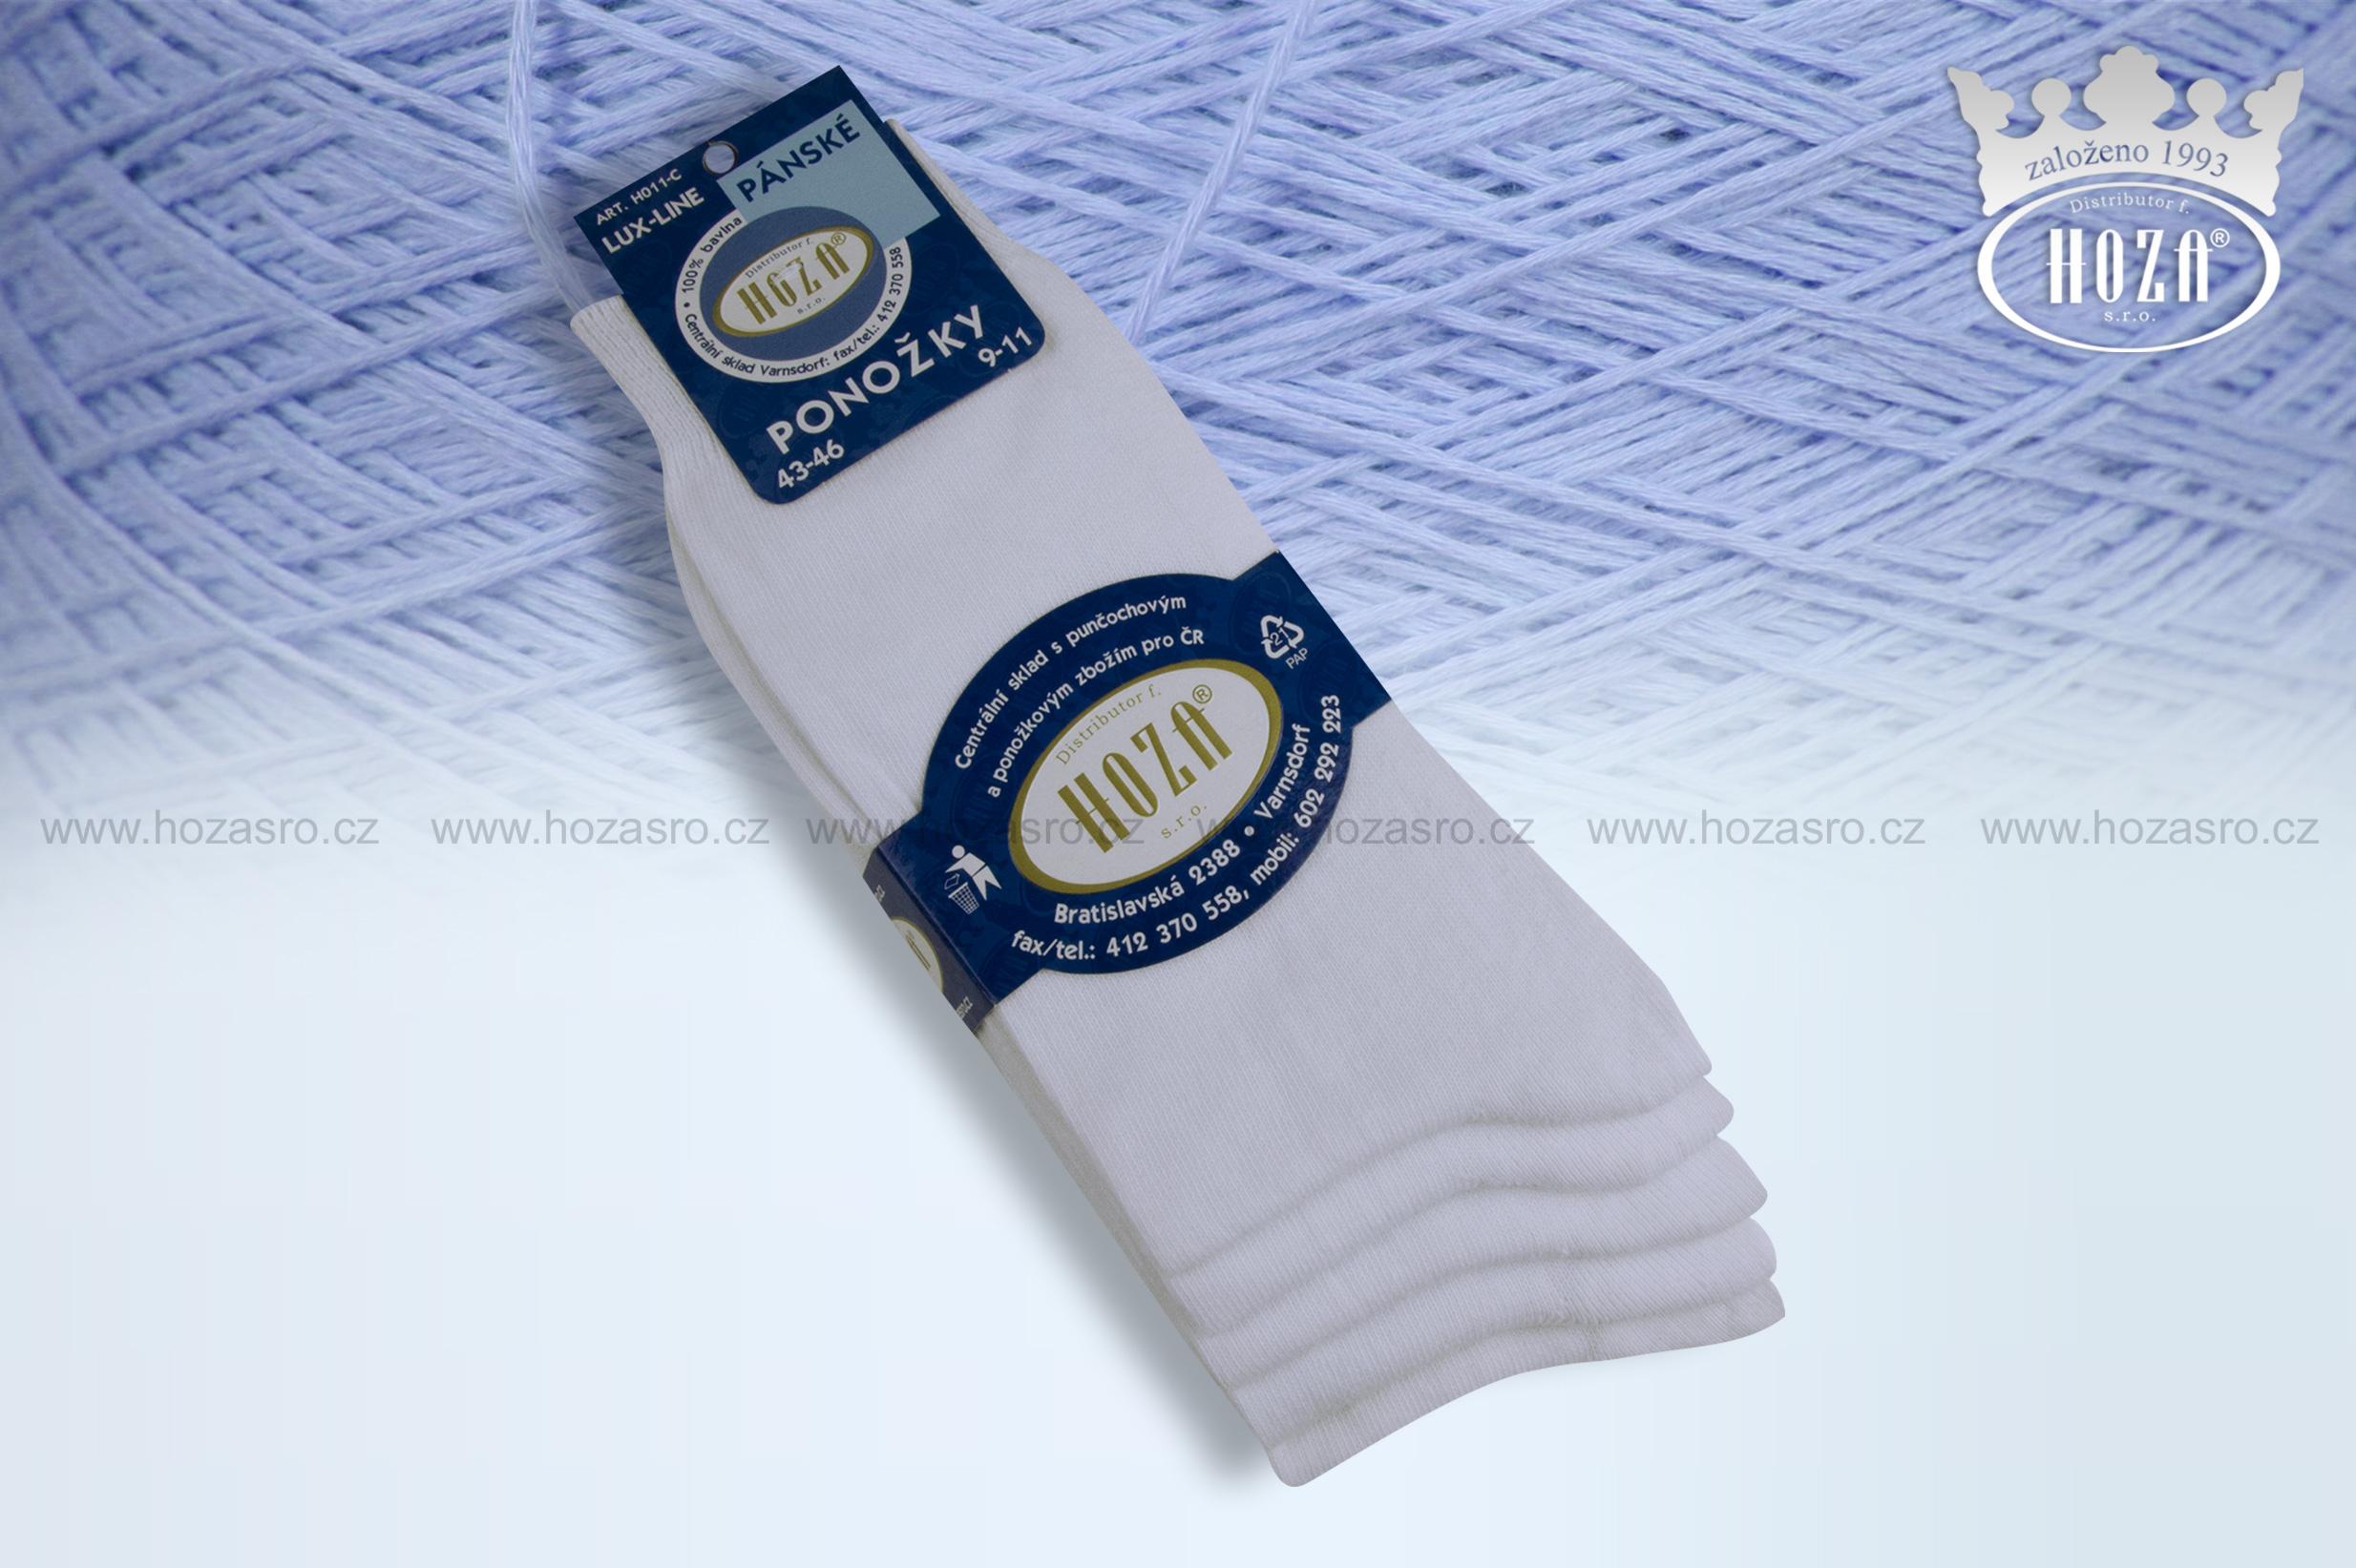 Pánské ponožky hladké, 100% bavlna - bílé - H011-C